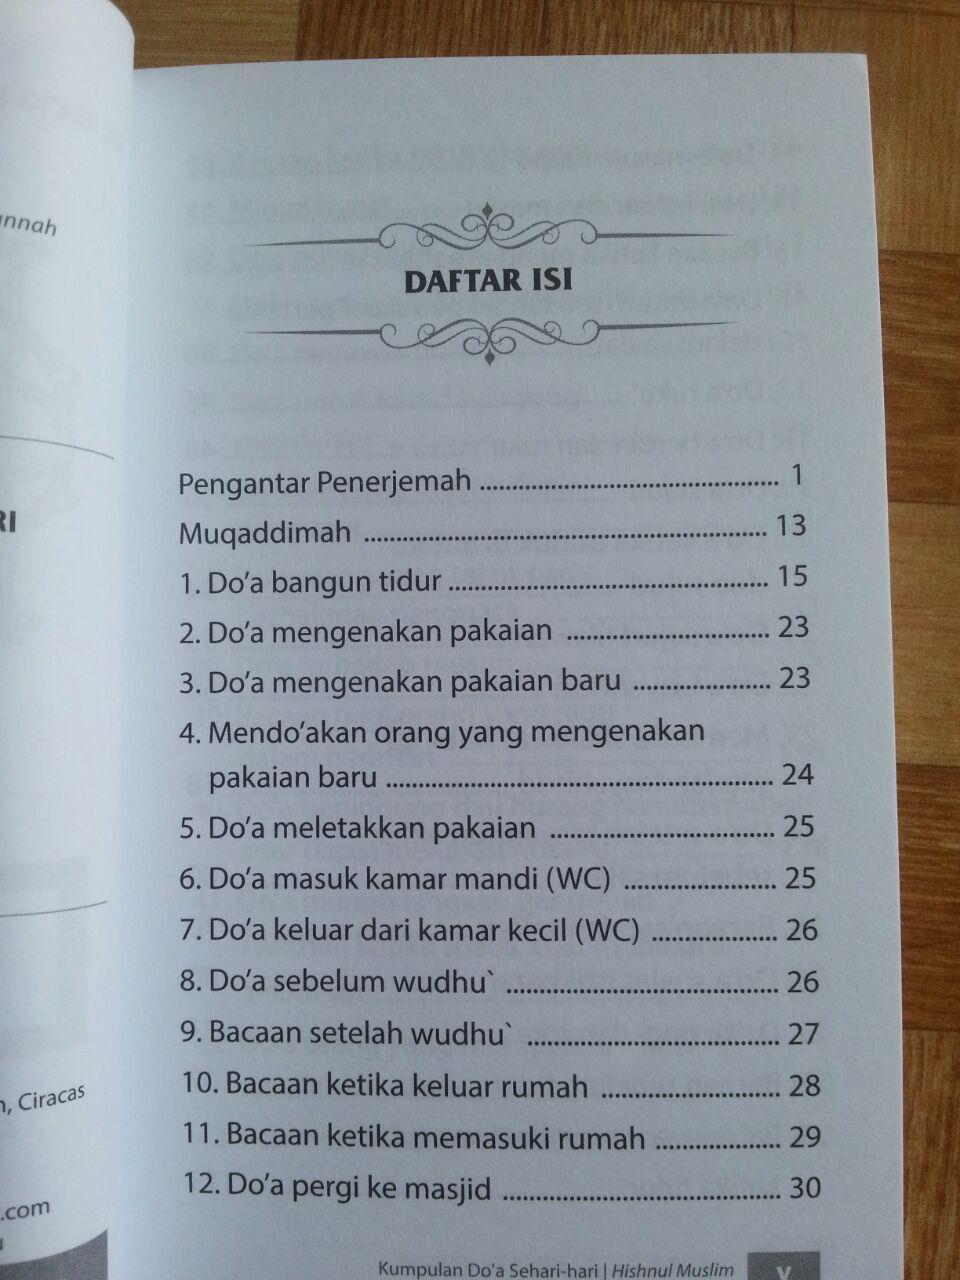 Buku Saku Hishnul Muslim Kumpulan Doa Sehari-Hari isi 2